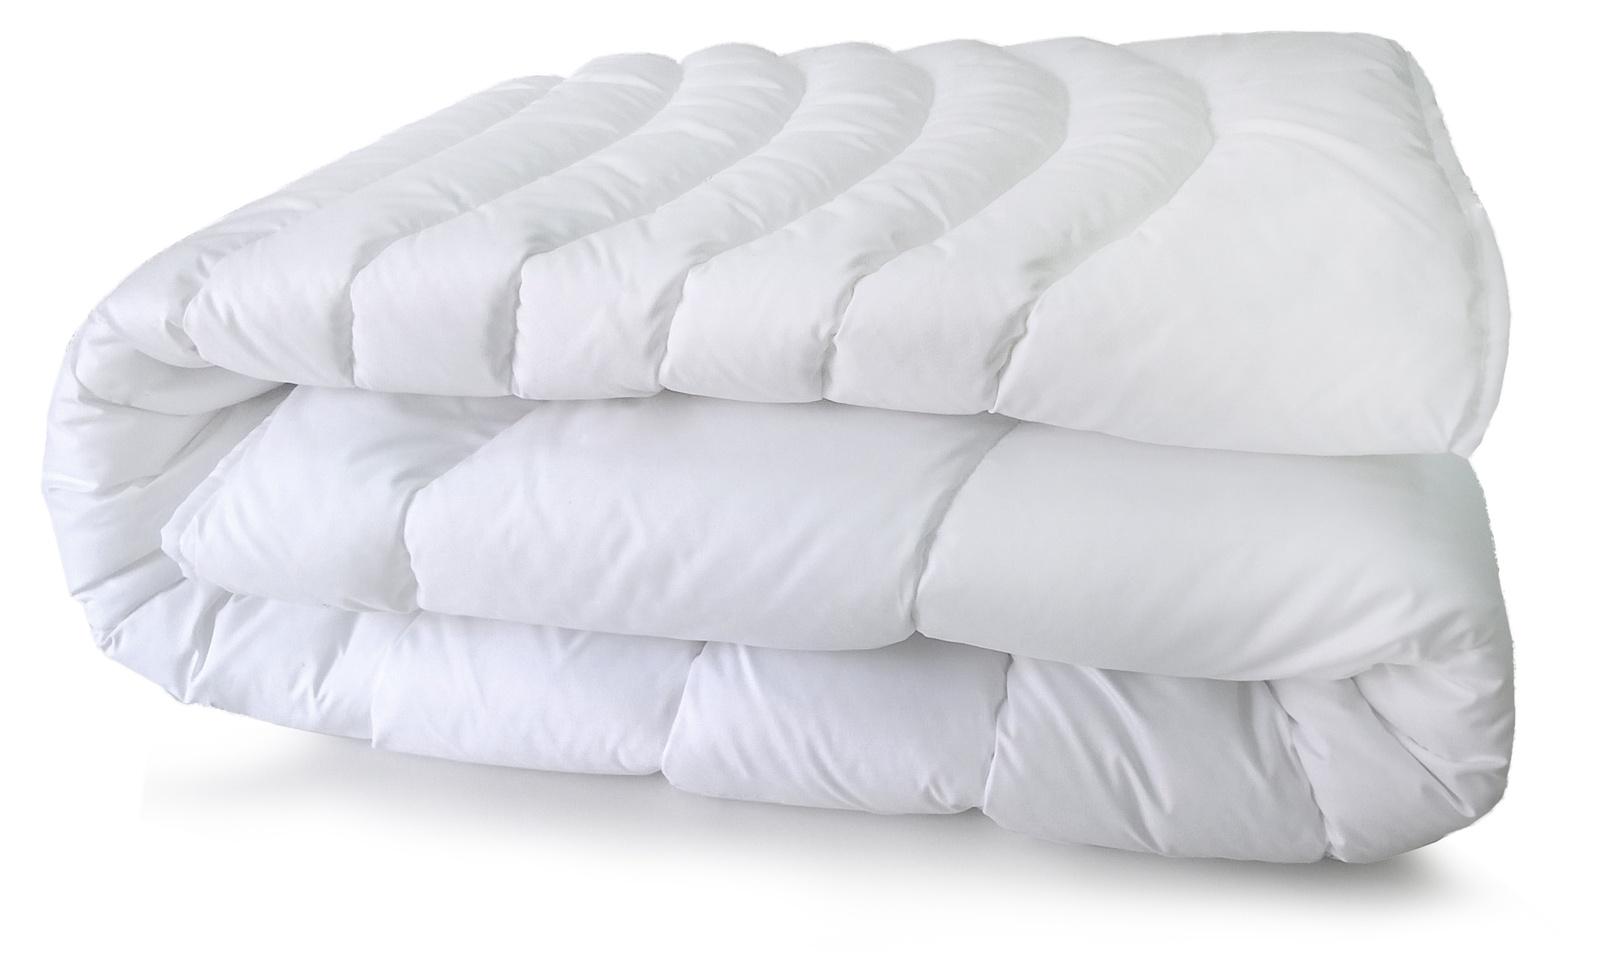 цена Одеяло Мягкий Сон ОБ_Sm-0602у, стеганое ТМ Smart BioTwin, белый, 205х172 см онлайн в 2017 году